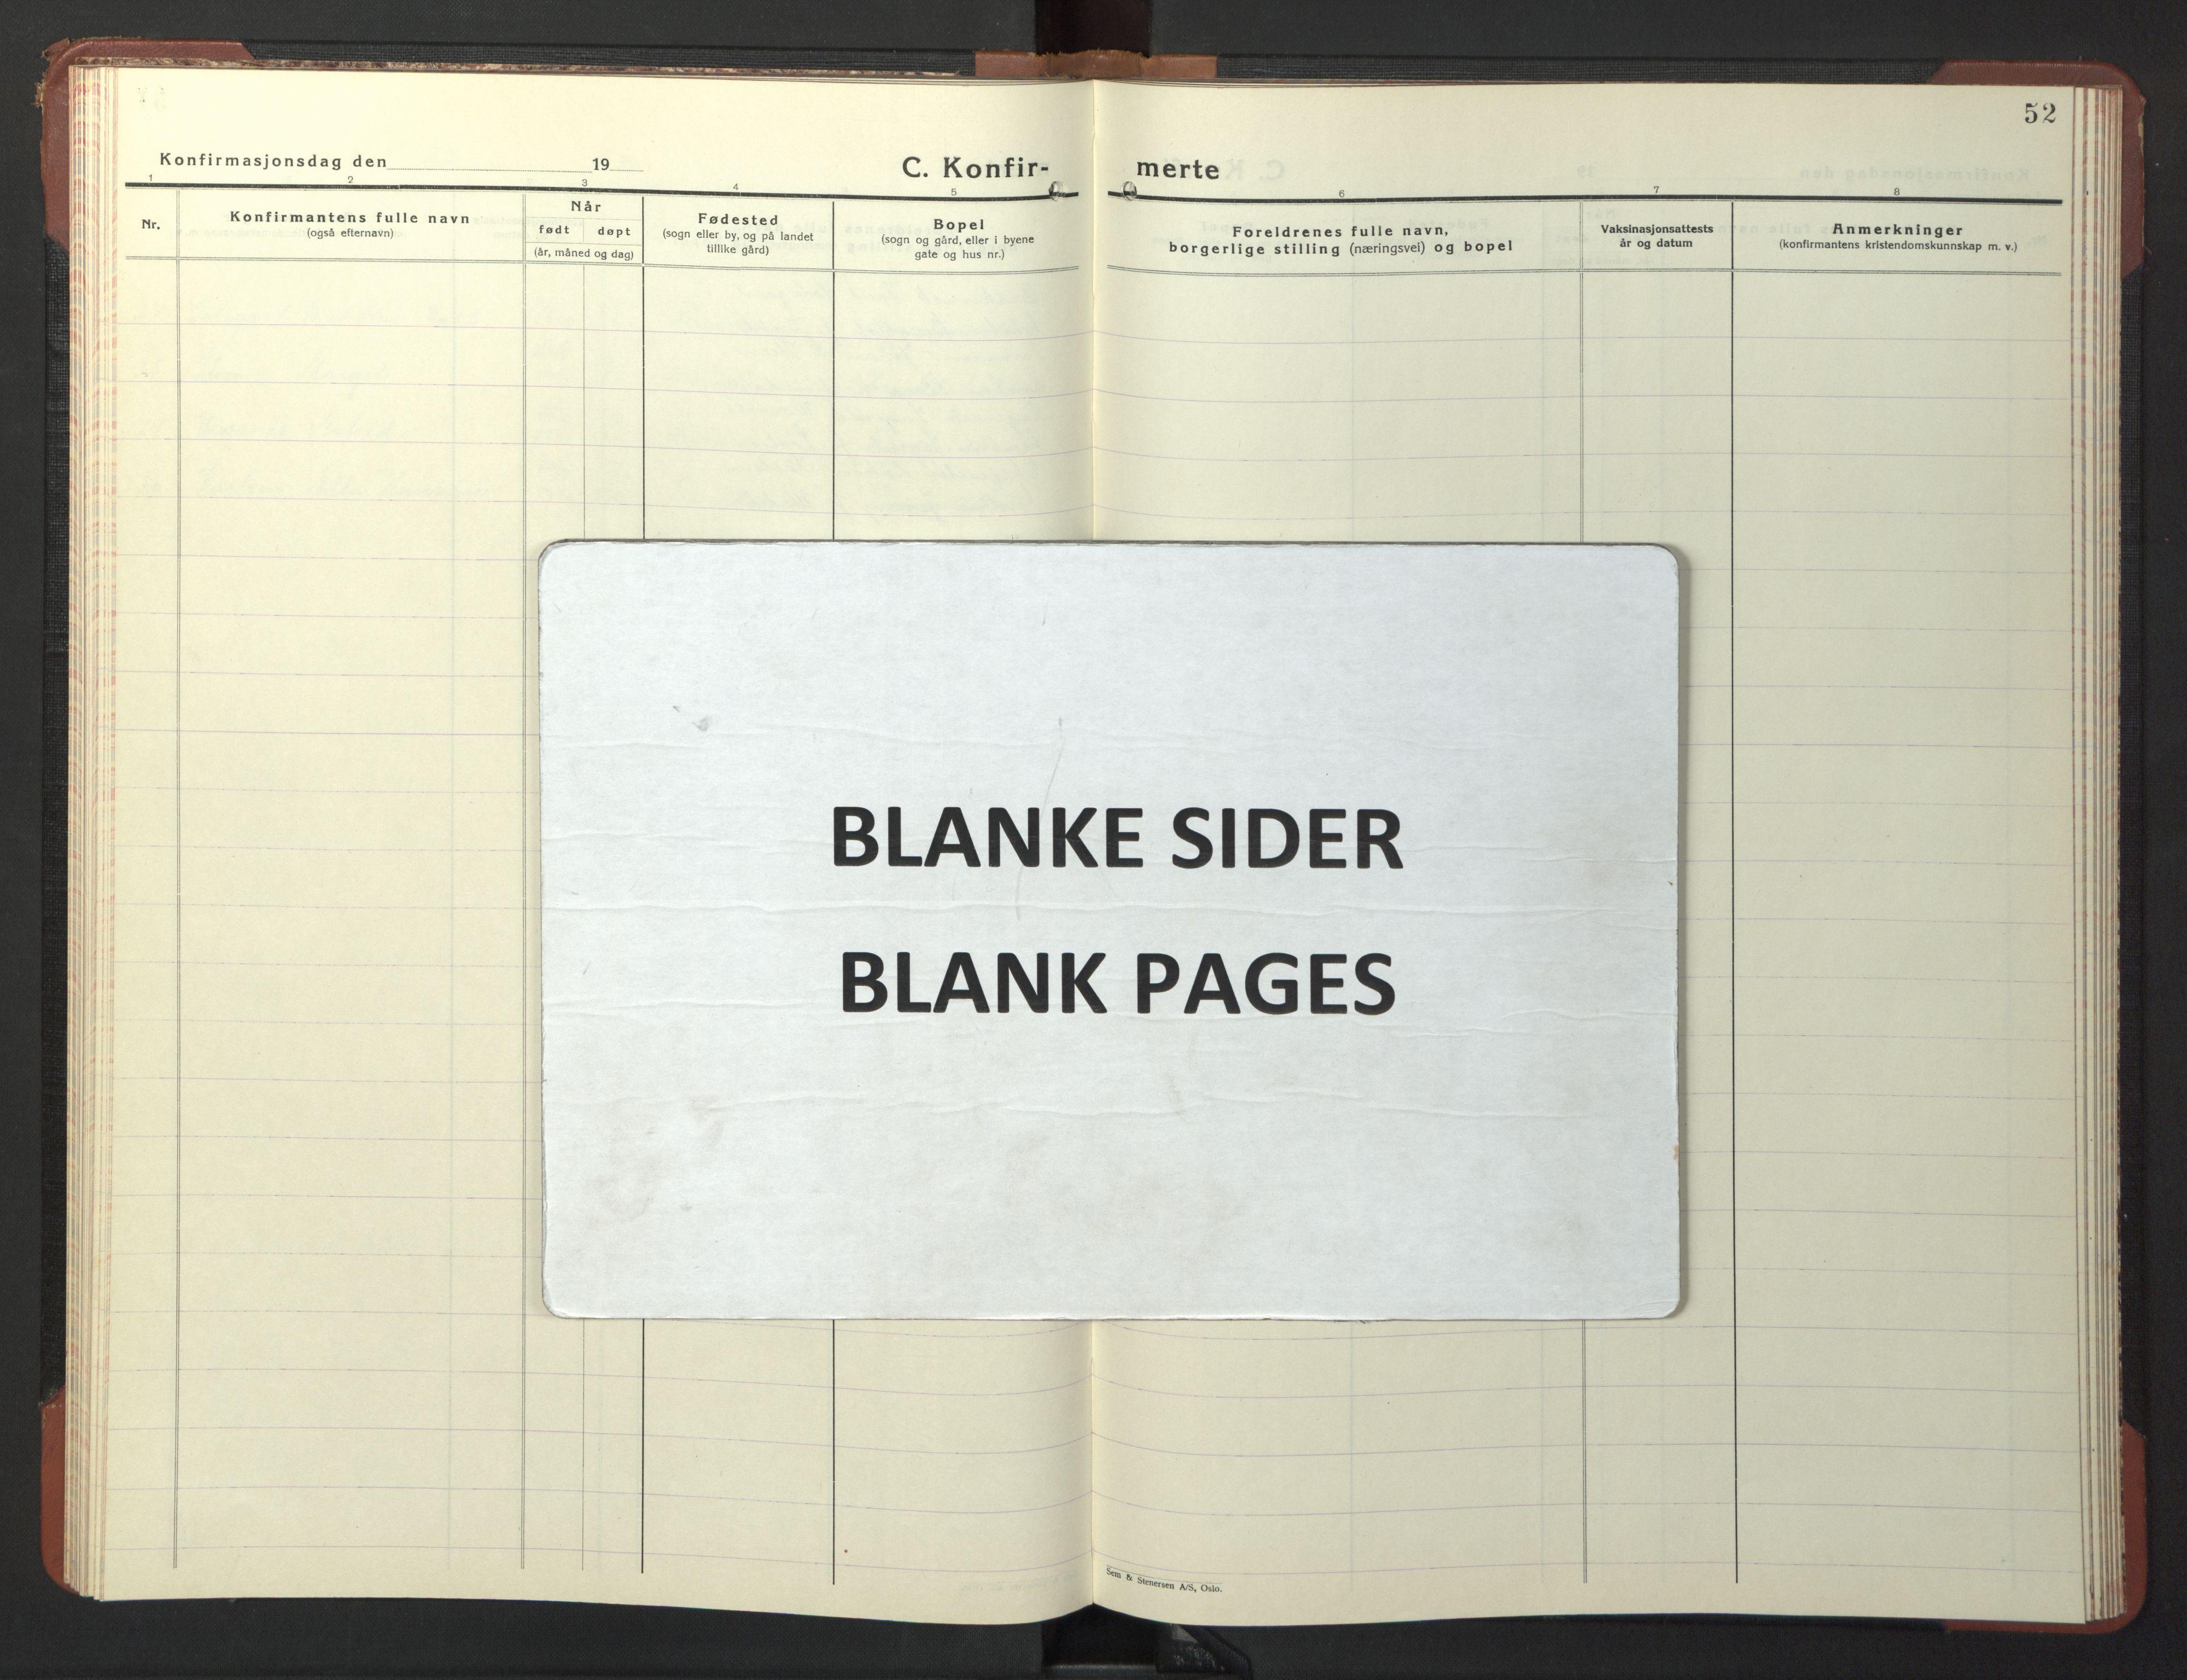 SAT, Ministerialprotokoller, klokkerbøker og fødselsregistre - Sør-Trøndelag, 611/L0358: Klokkerbok nr. 611C06, 1943-1946, s. 52